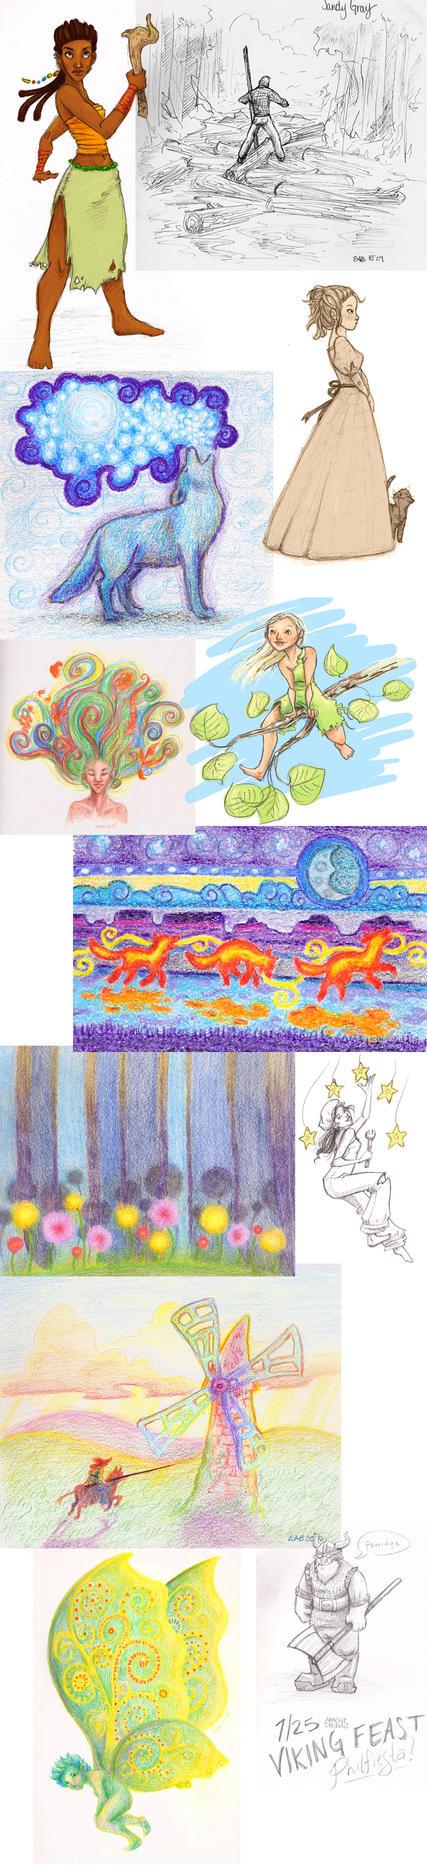 Philmont Sketchdump by Deisi